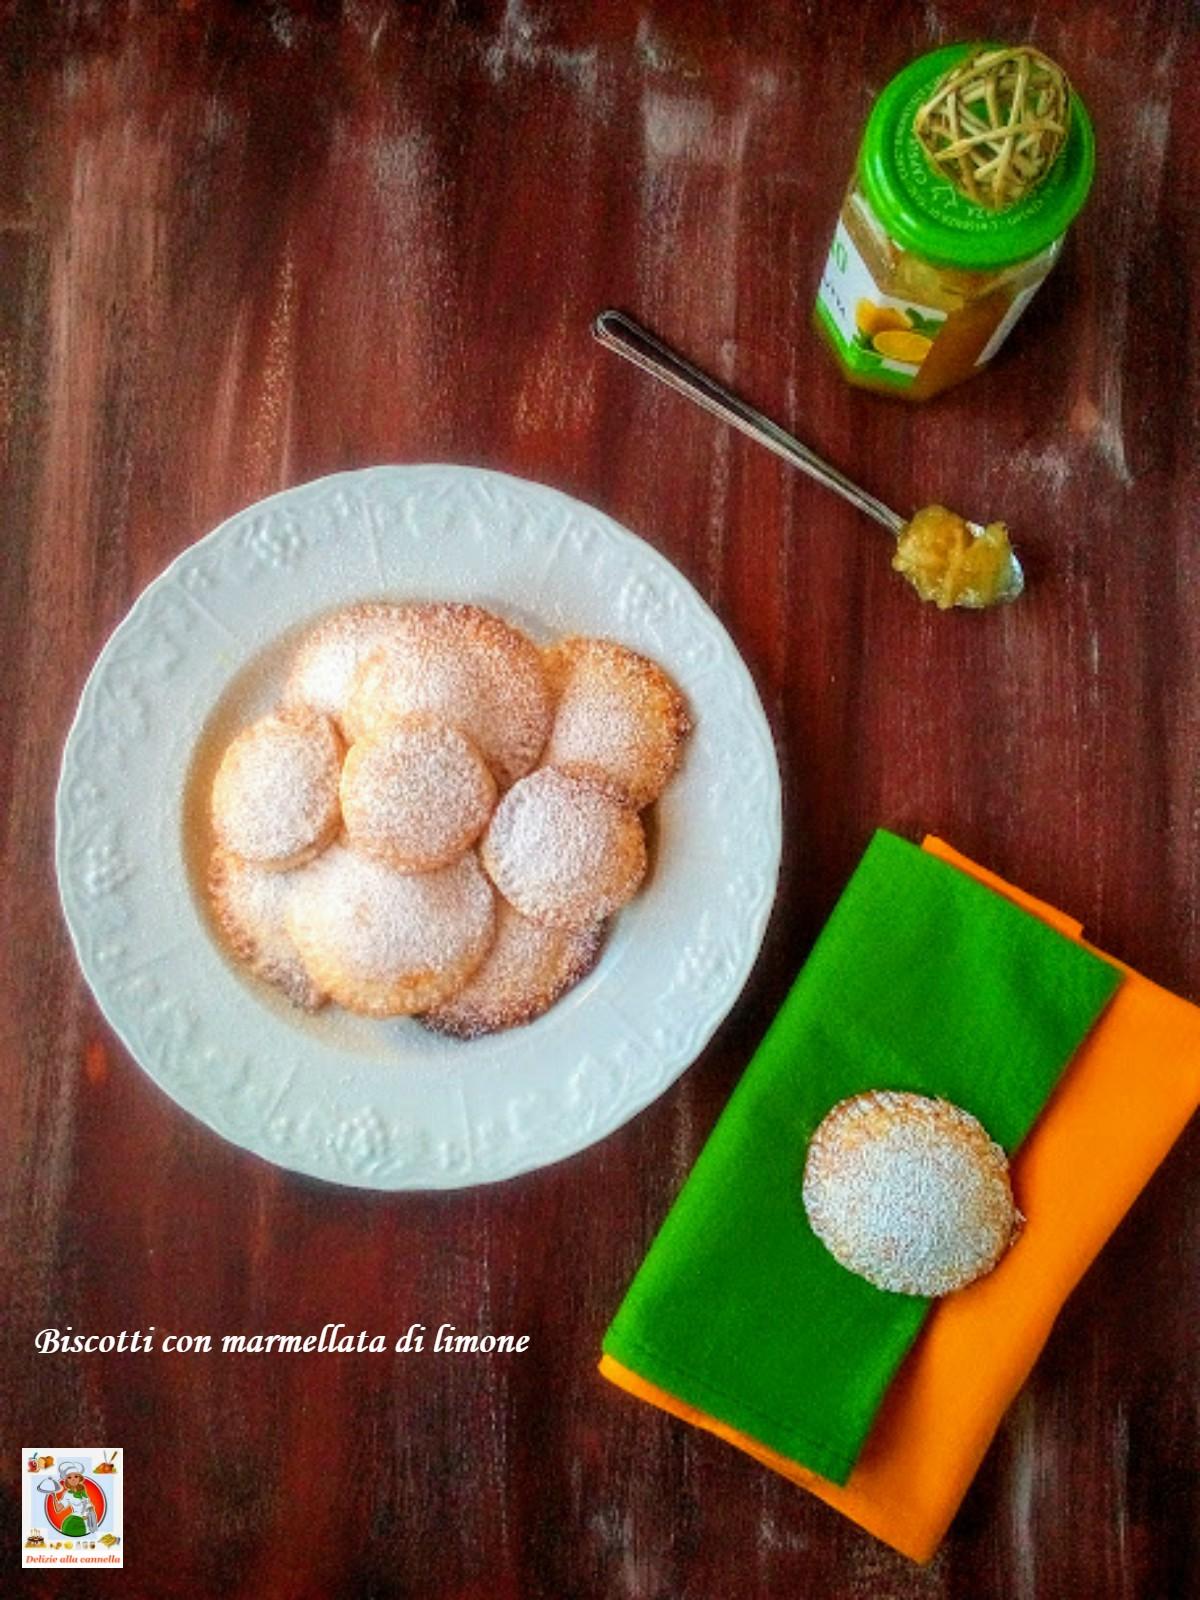 biscotti con marmellata di limoni v1